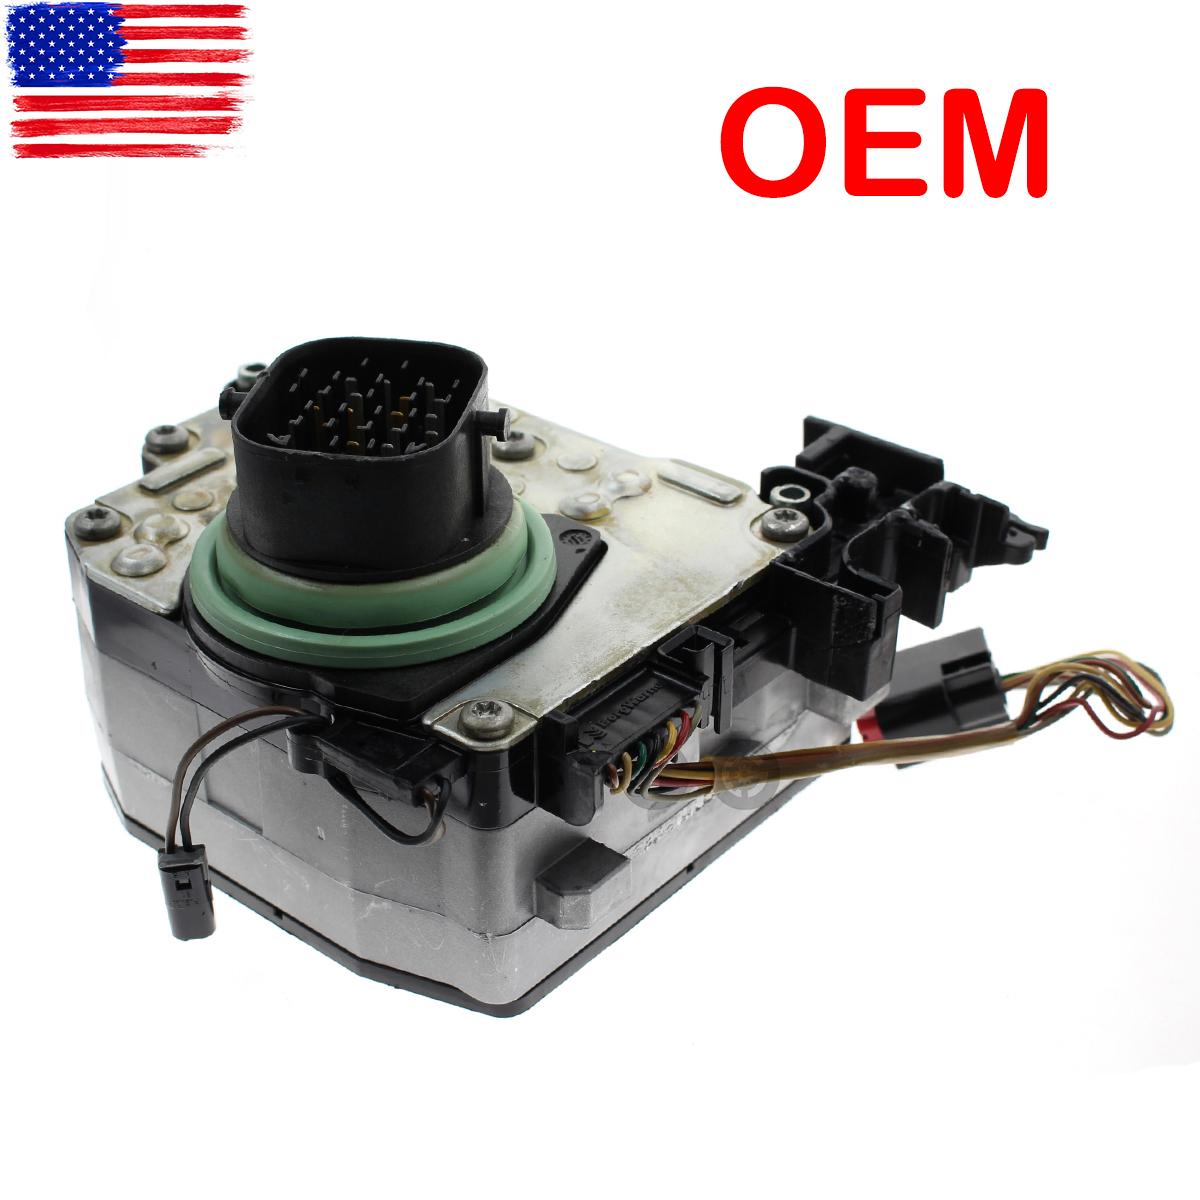 Oem 62te transmission solenoid block for chrysler 200 sebring oem 62te transmission solenoid block for chrysler 200 sebring pacifica vw routan fandeluxe Gallery